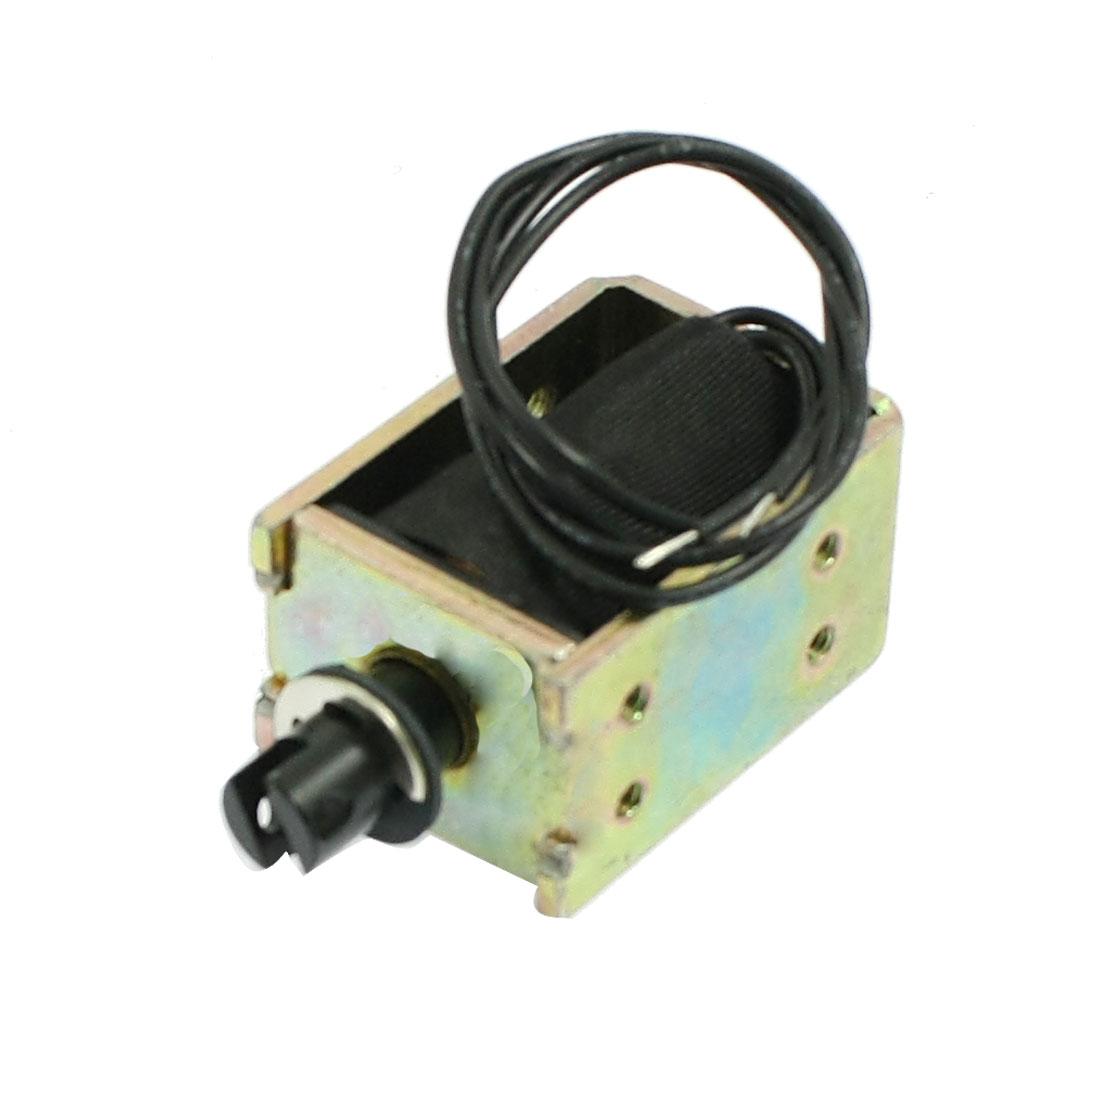 Linear Motion Open Frame Electromagnet Solenoid DC 12V 0.92A 450gf